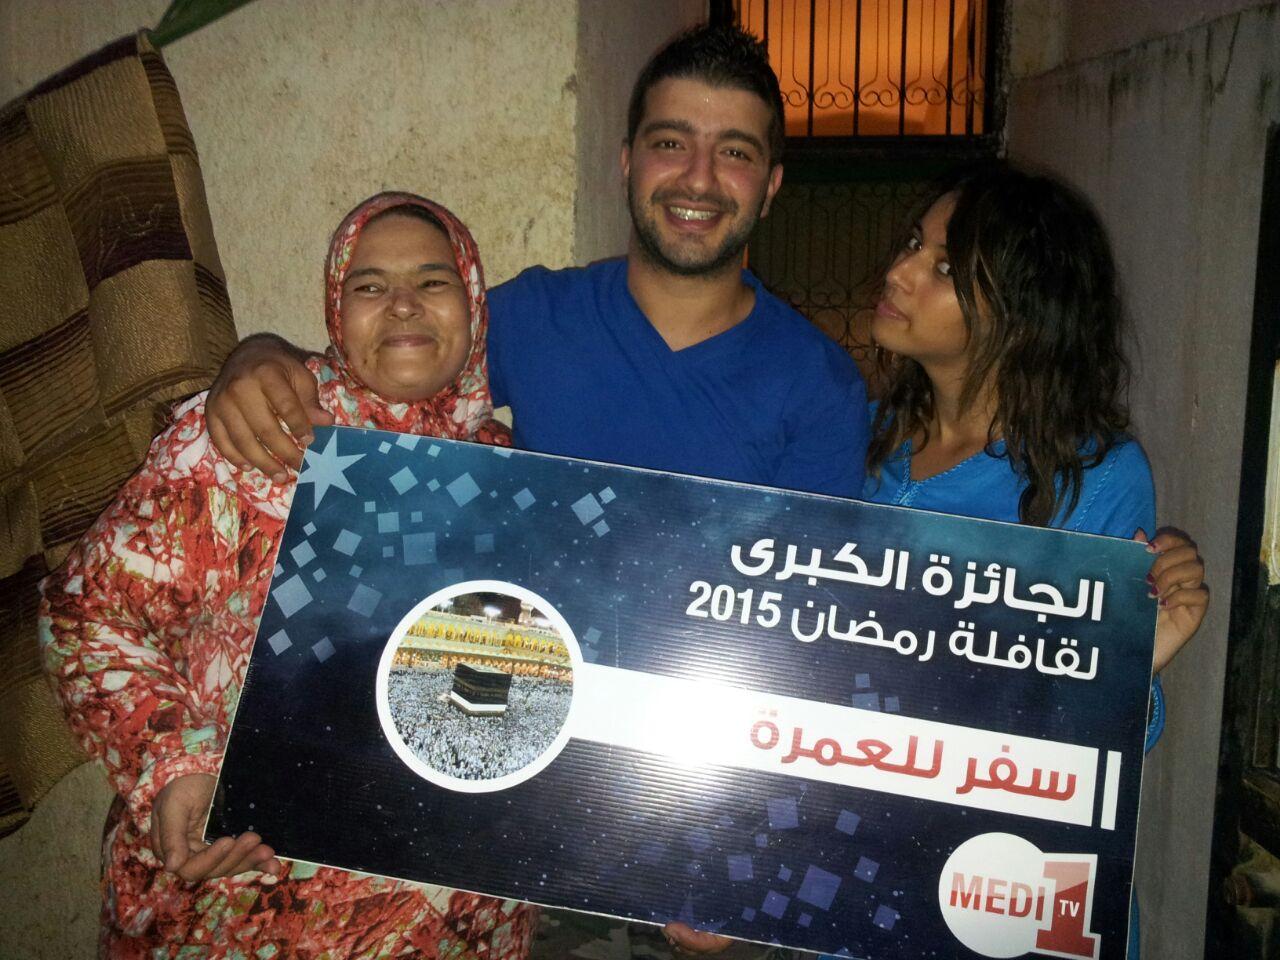 فضيحة برنامج «من دار لدار» تدفع «ميدي1 تي في» لتوقيف إتمام البرنامج في آخر يوم من رمضان